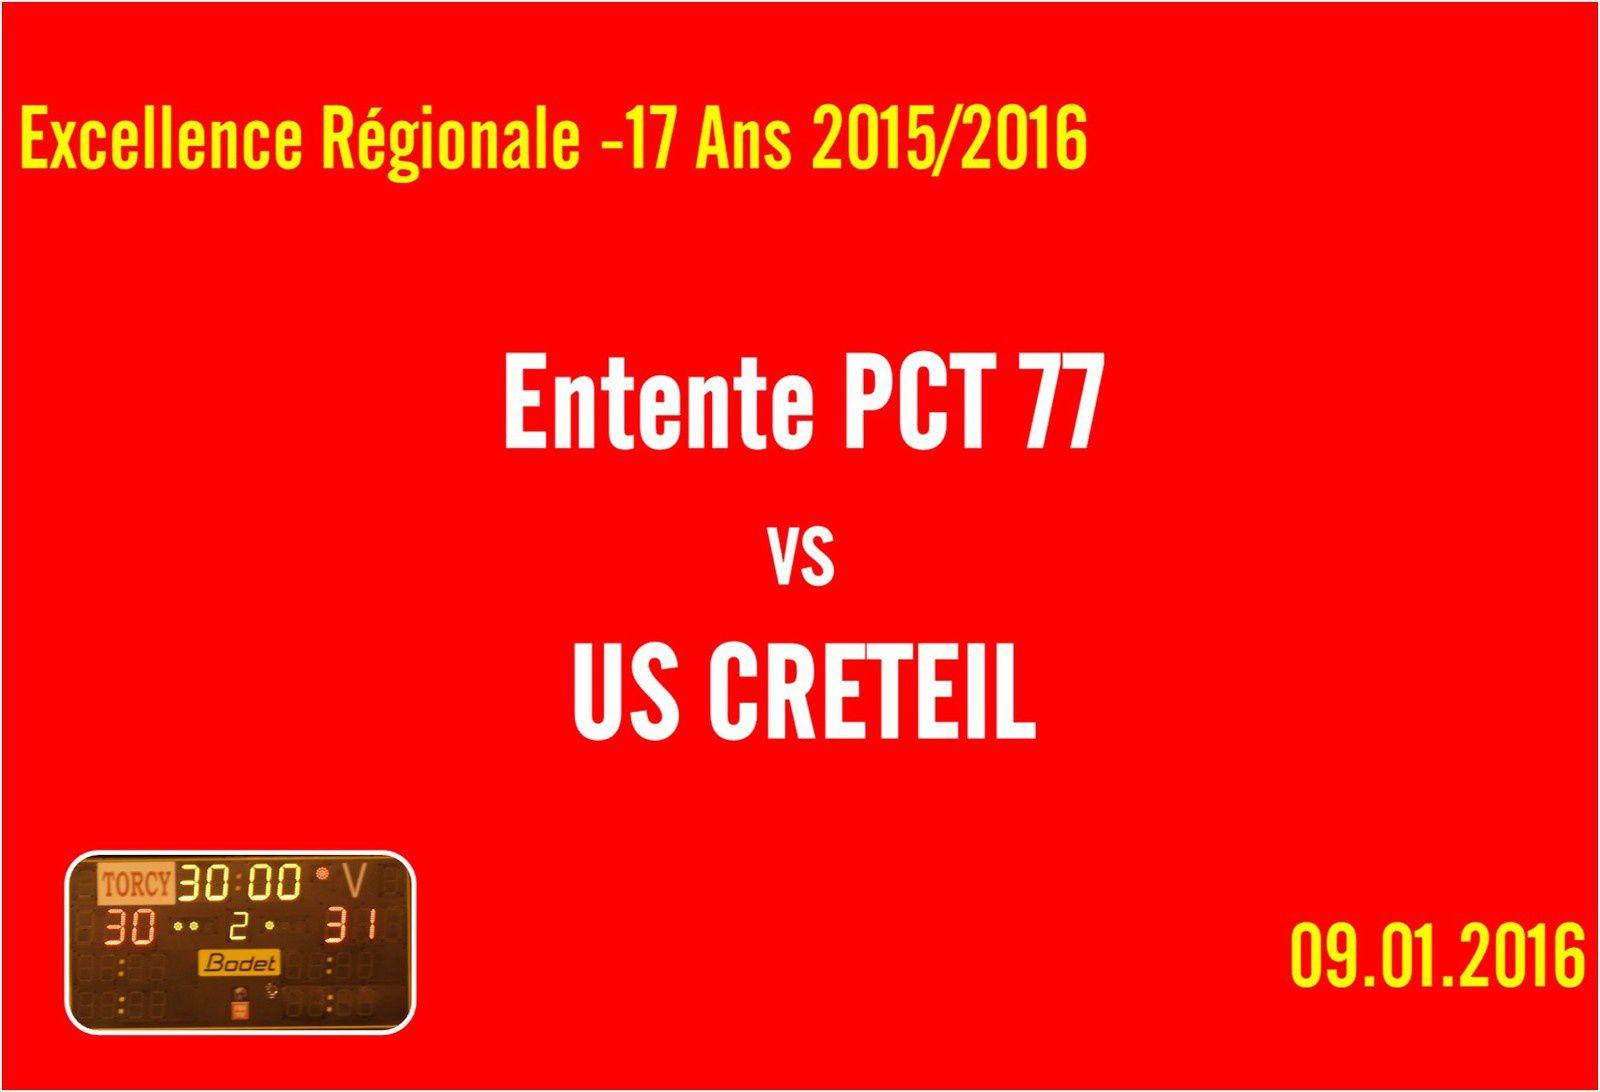 ENTENTE PCT 77 vs US CRETEIL (Excellence LIFE -17 Ans) 09.01.2016